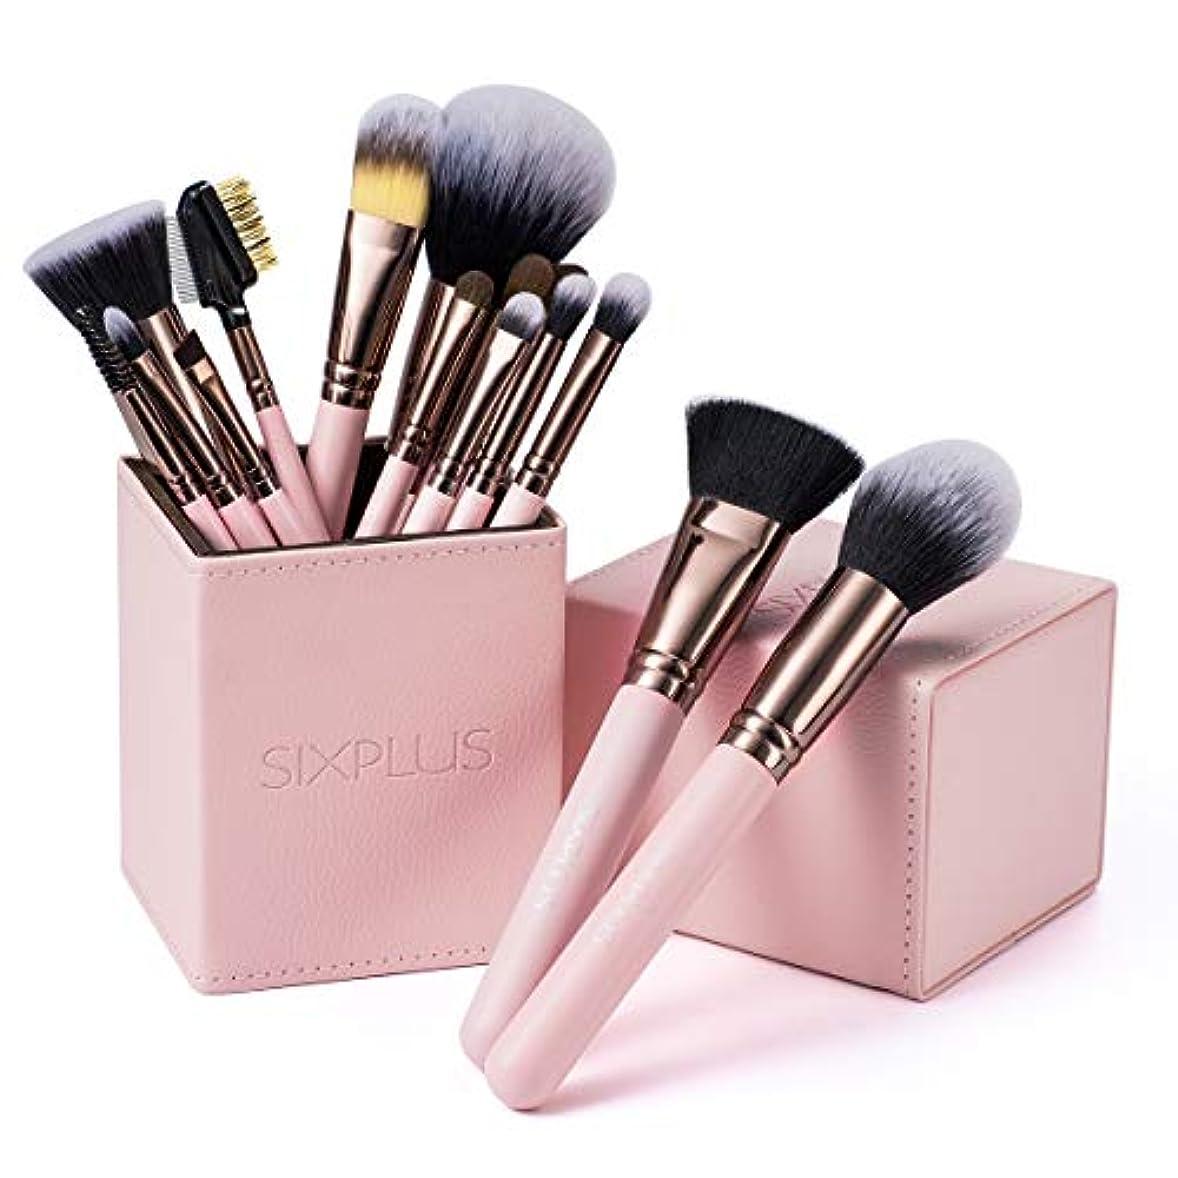 誠意コンクリートわかりやすいSIXPLUS ロマンチックなピンク色 メイクブラシ 15本セット(ピンク色)